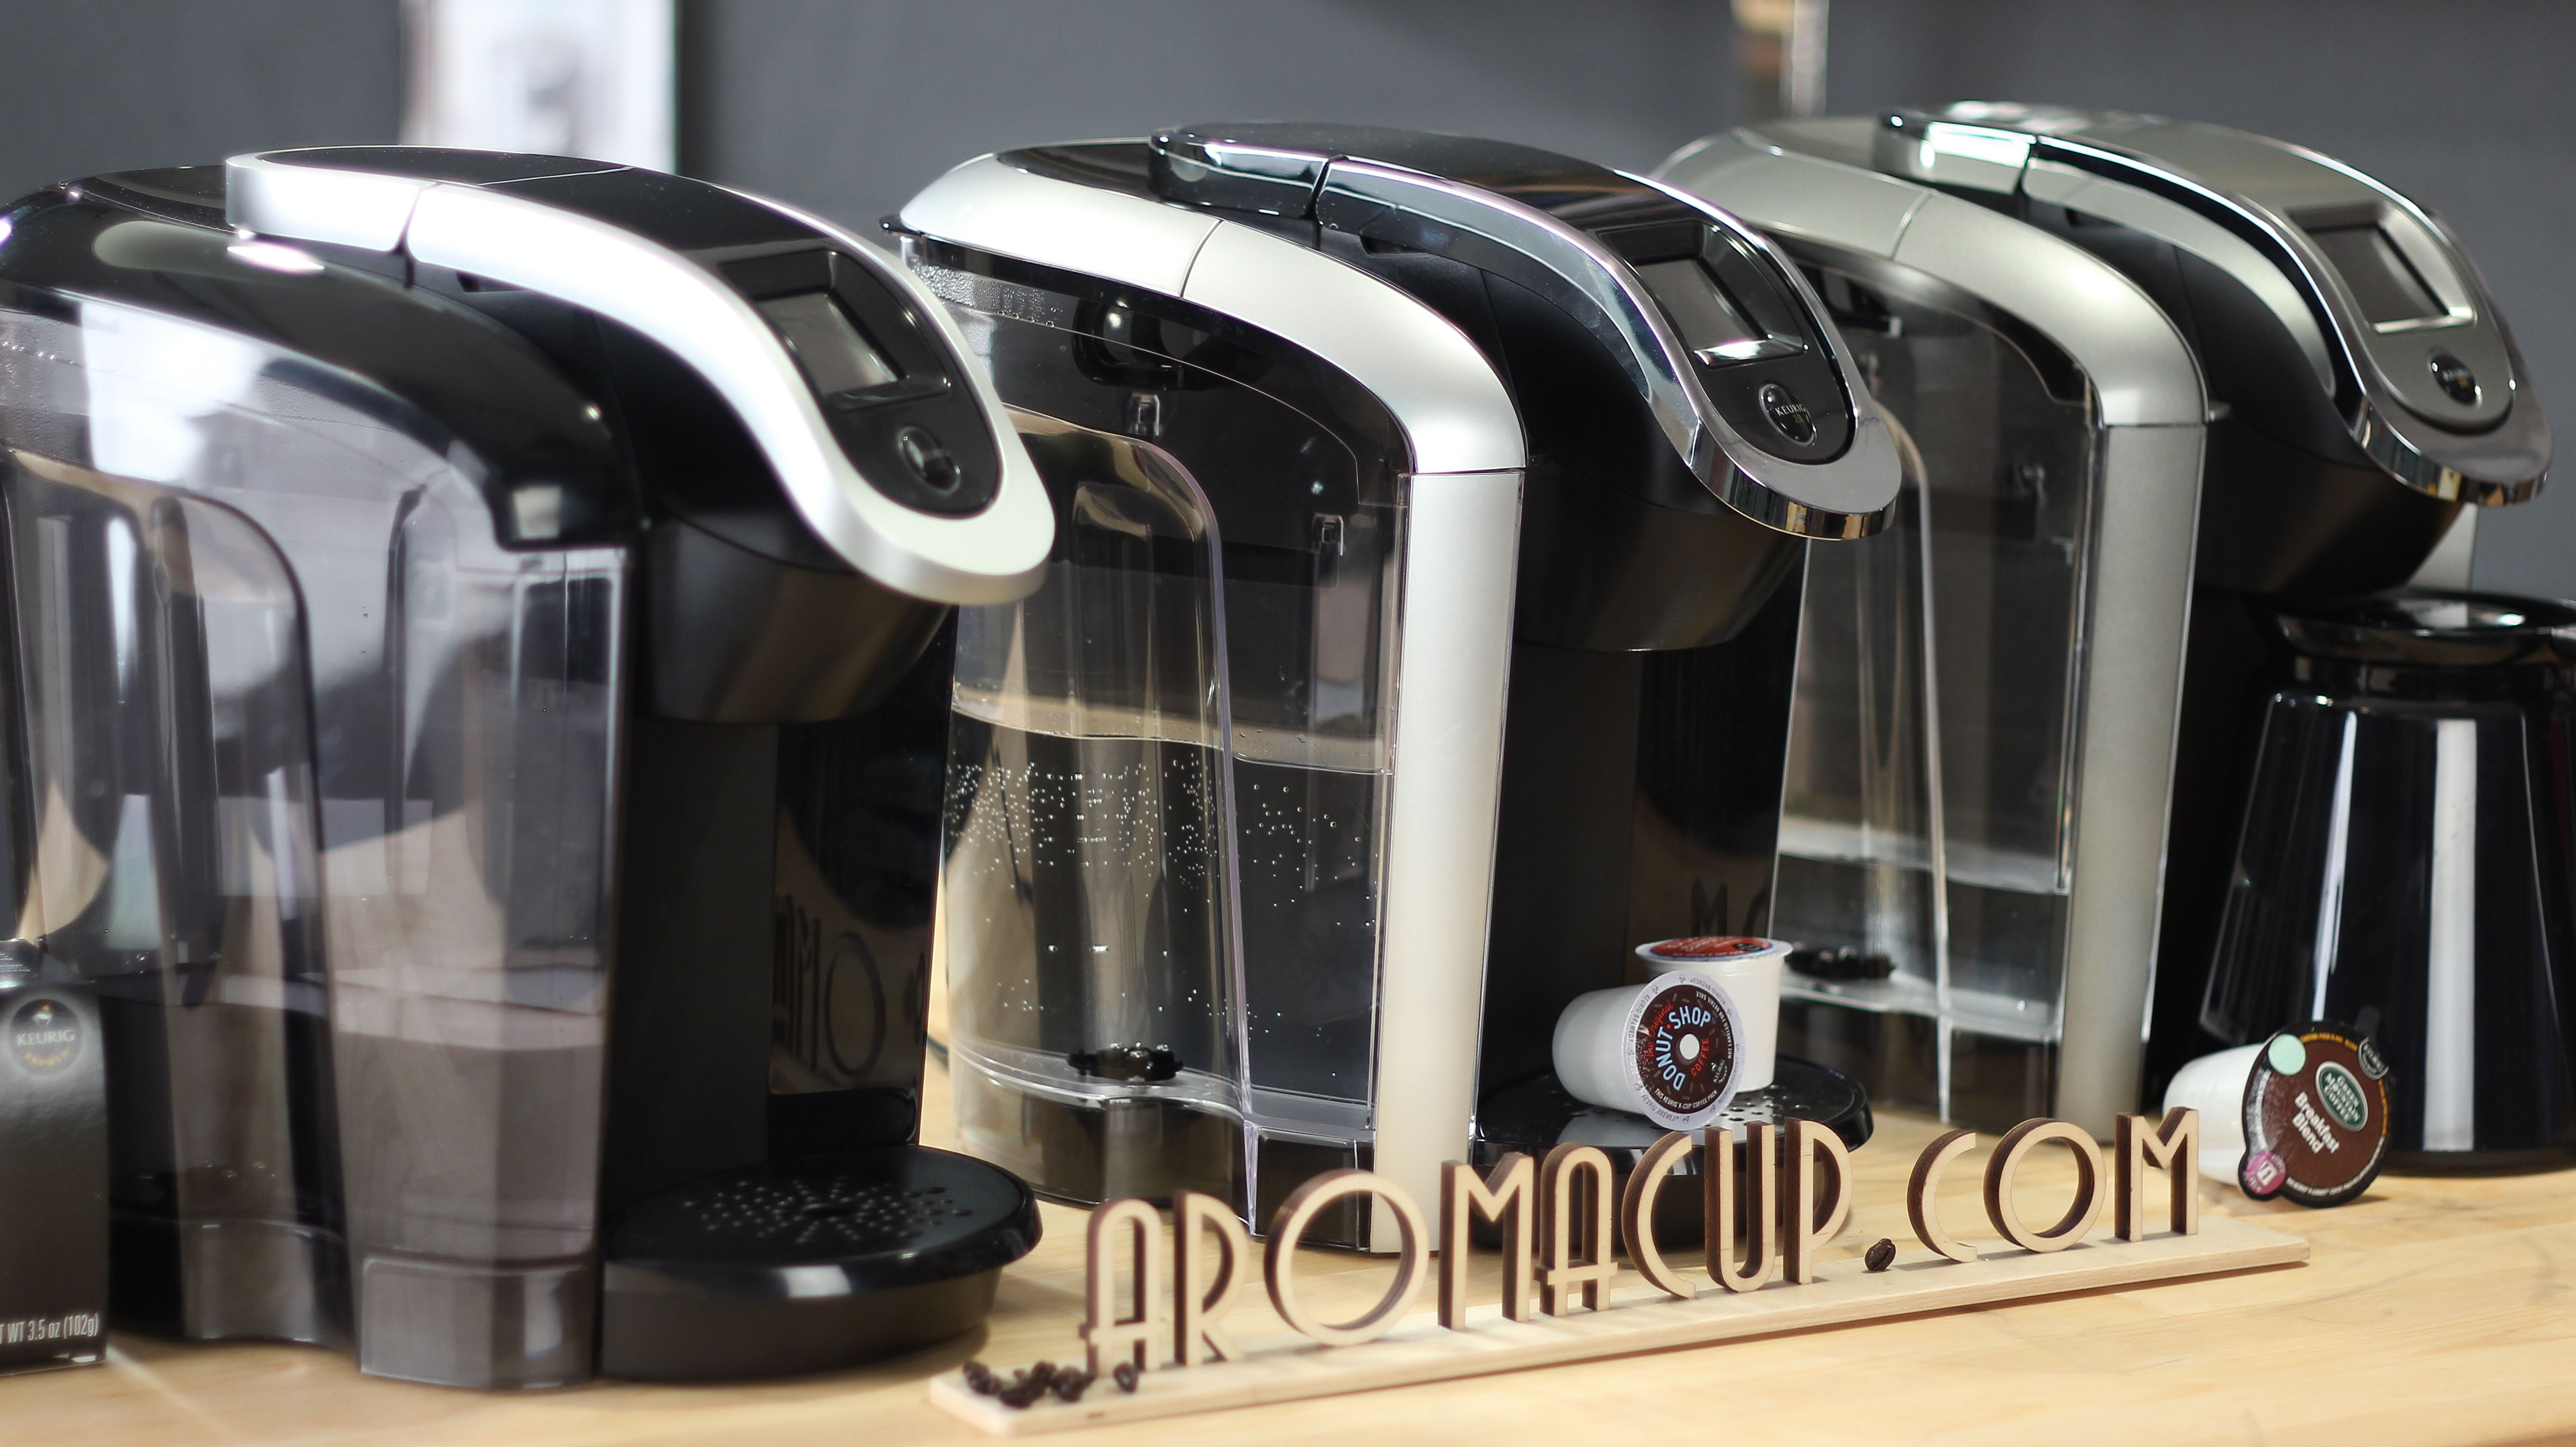 Keurig 20 coffee makers coffee maker reviews single